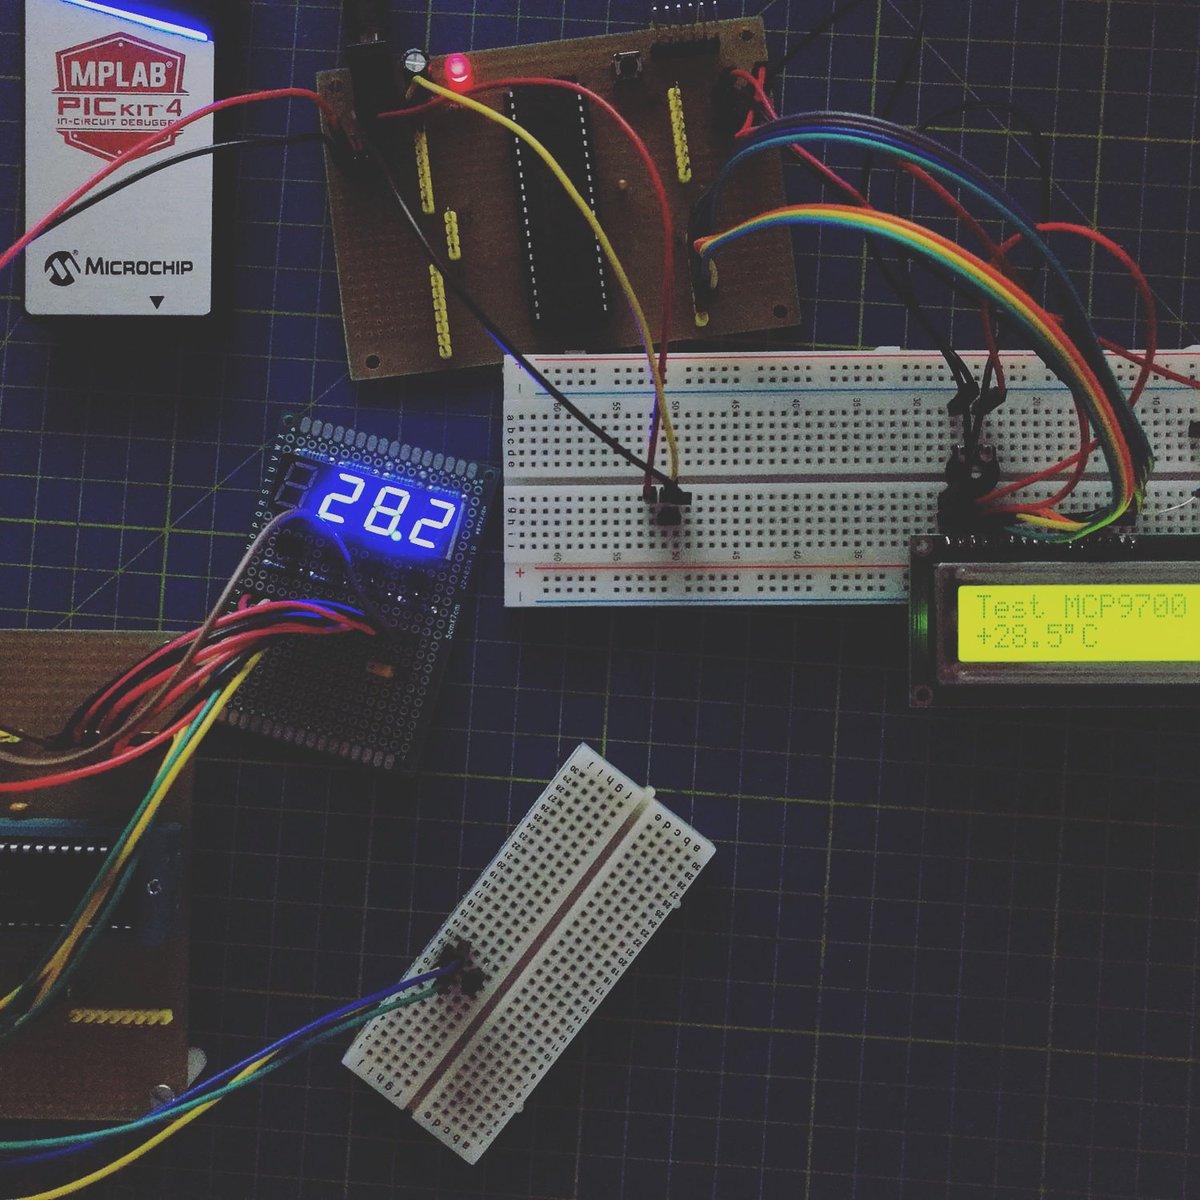 Picmcu Hashtag On Twitter Digital Thermometer With Pic16f84 Circuit Settorezerocom Wordpress Realizziamo Un Termometro Digitale Corso Programmazione Microcontrollori Pic In C Aggiornamento Mplab X Il Modulo Adcc